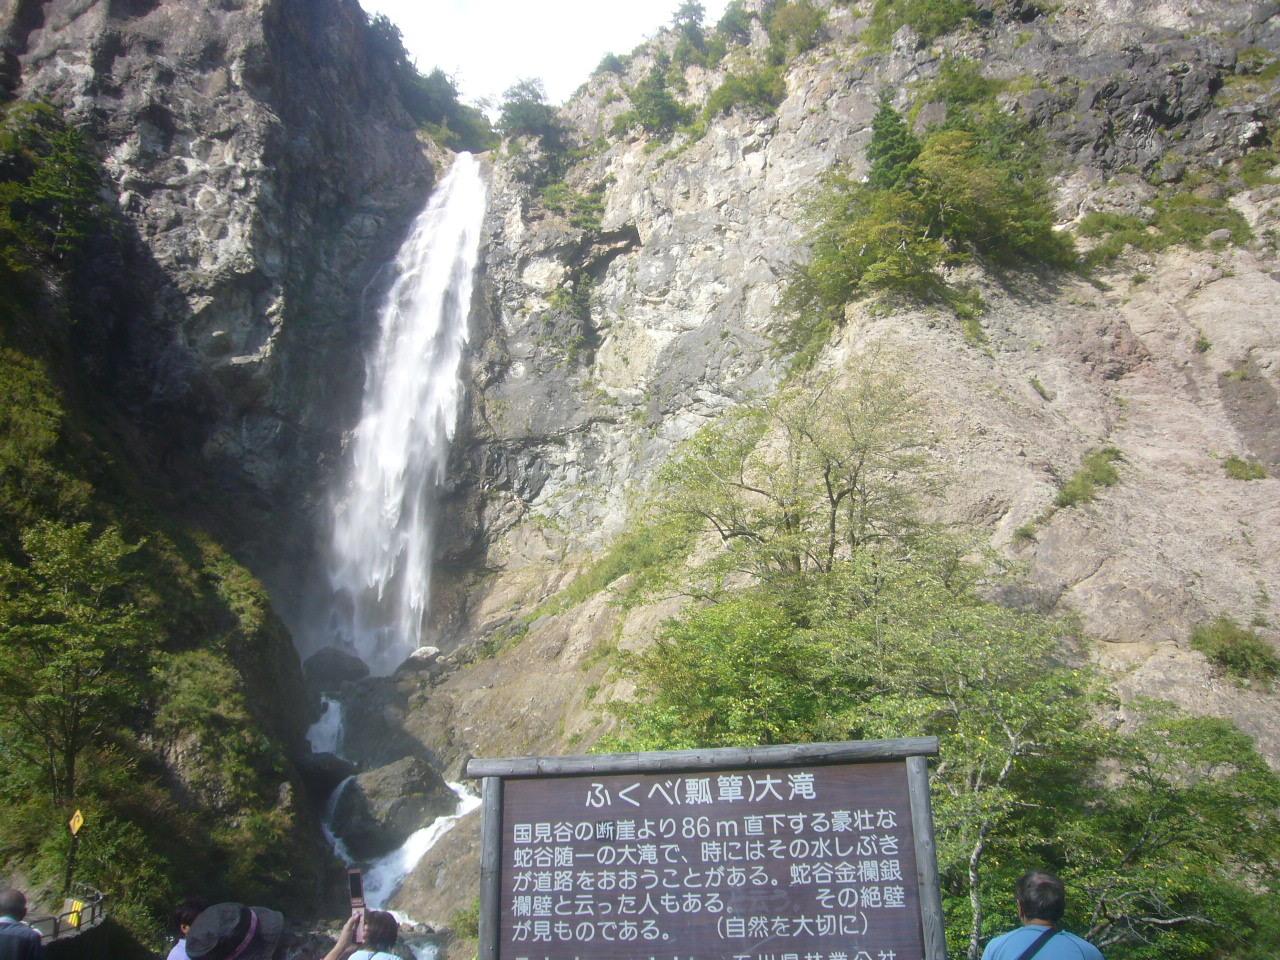 ふくべ大滝 ホワイトロード R1.10.05